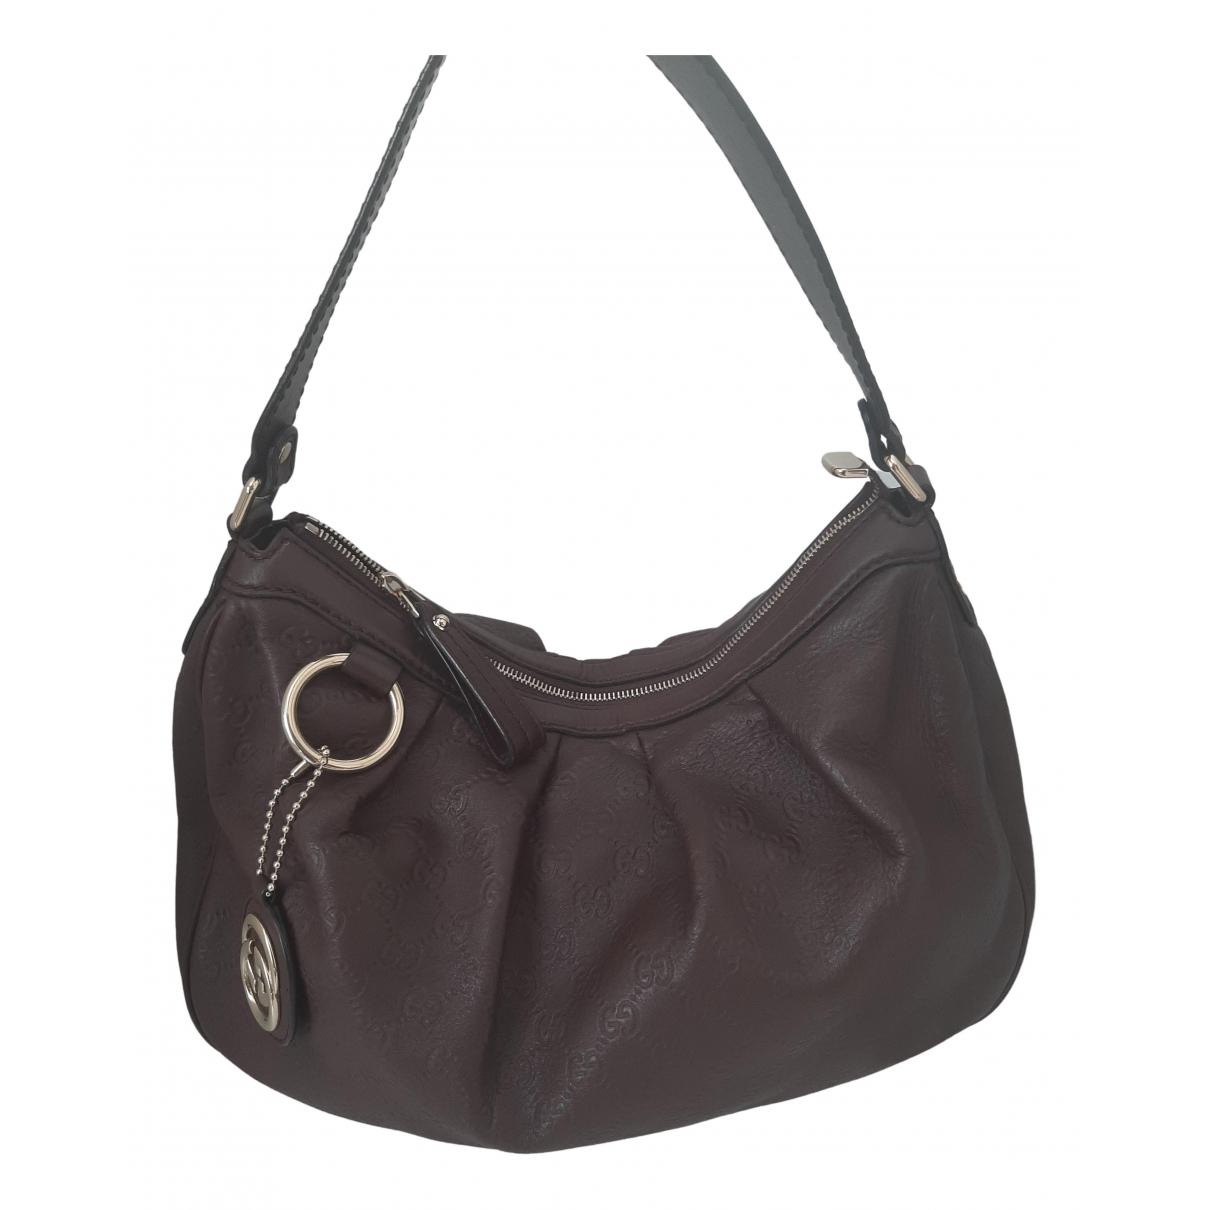 Gucci Sukey Burgundy Leather handbag for Women \N